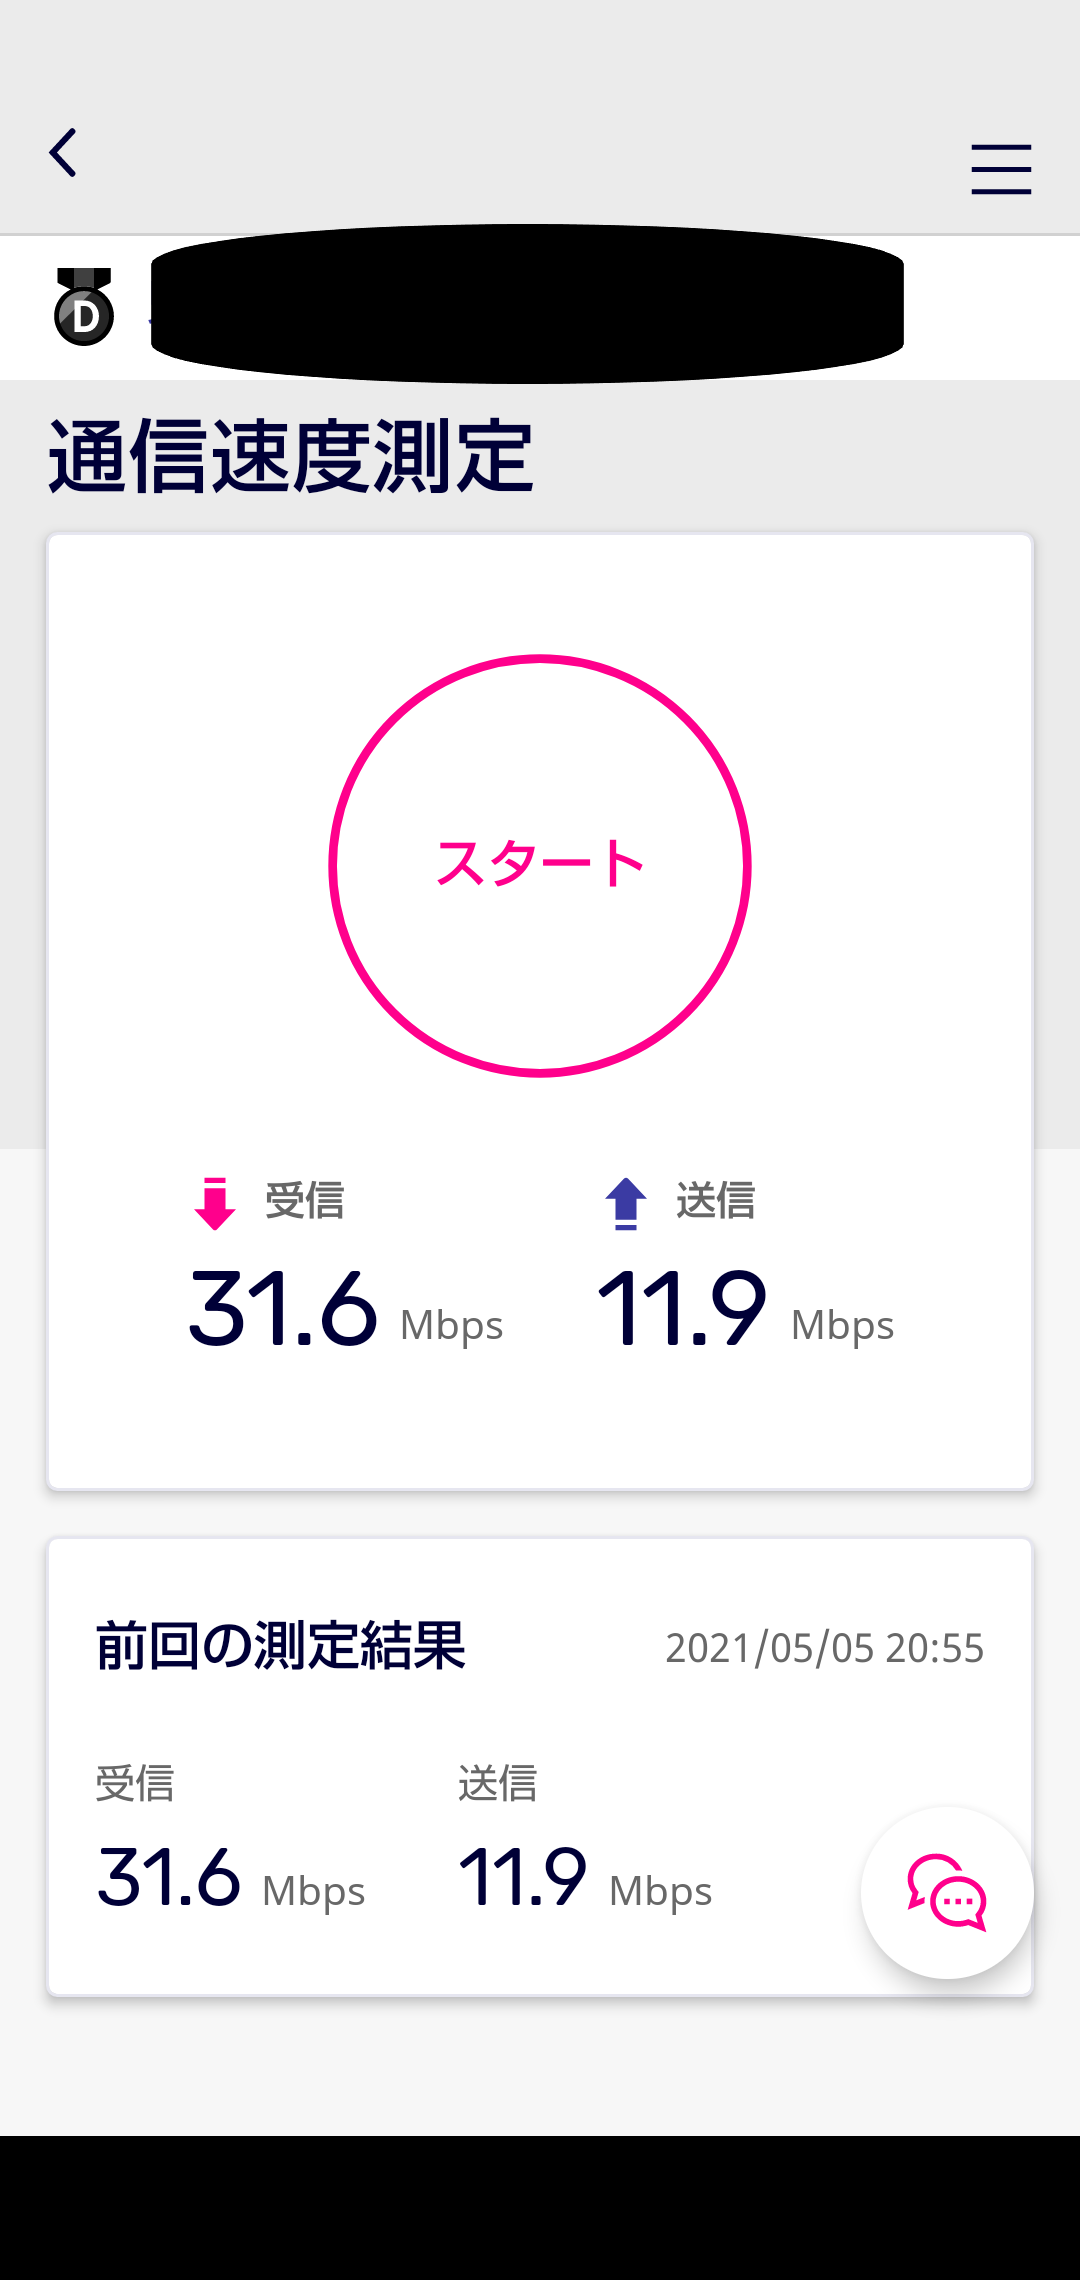 楽天回線エリアになったので、回線のスピードテストをしてみました。受信(ダウンロード)が31.6Mbps、送信(アップロード)が11.9Mbpsでした。